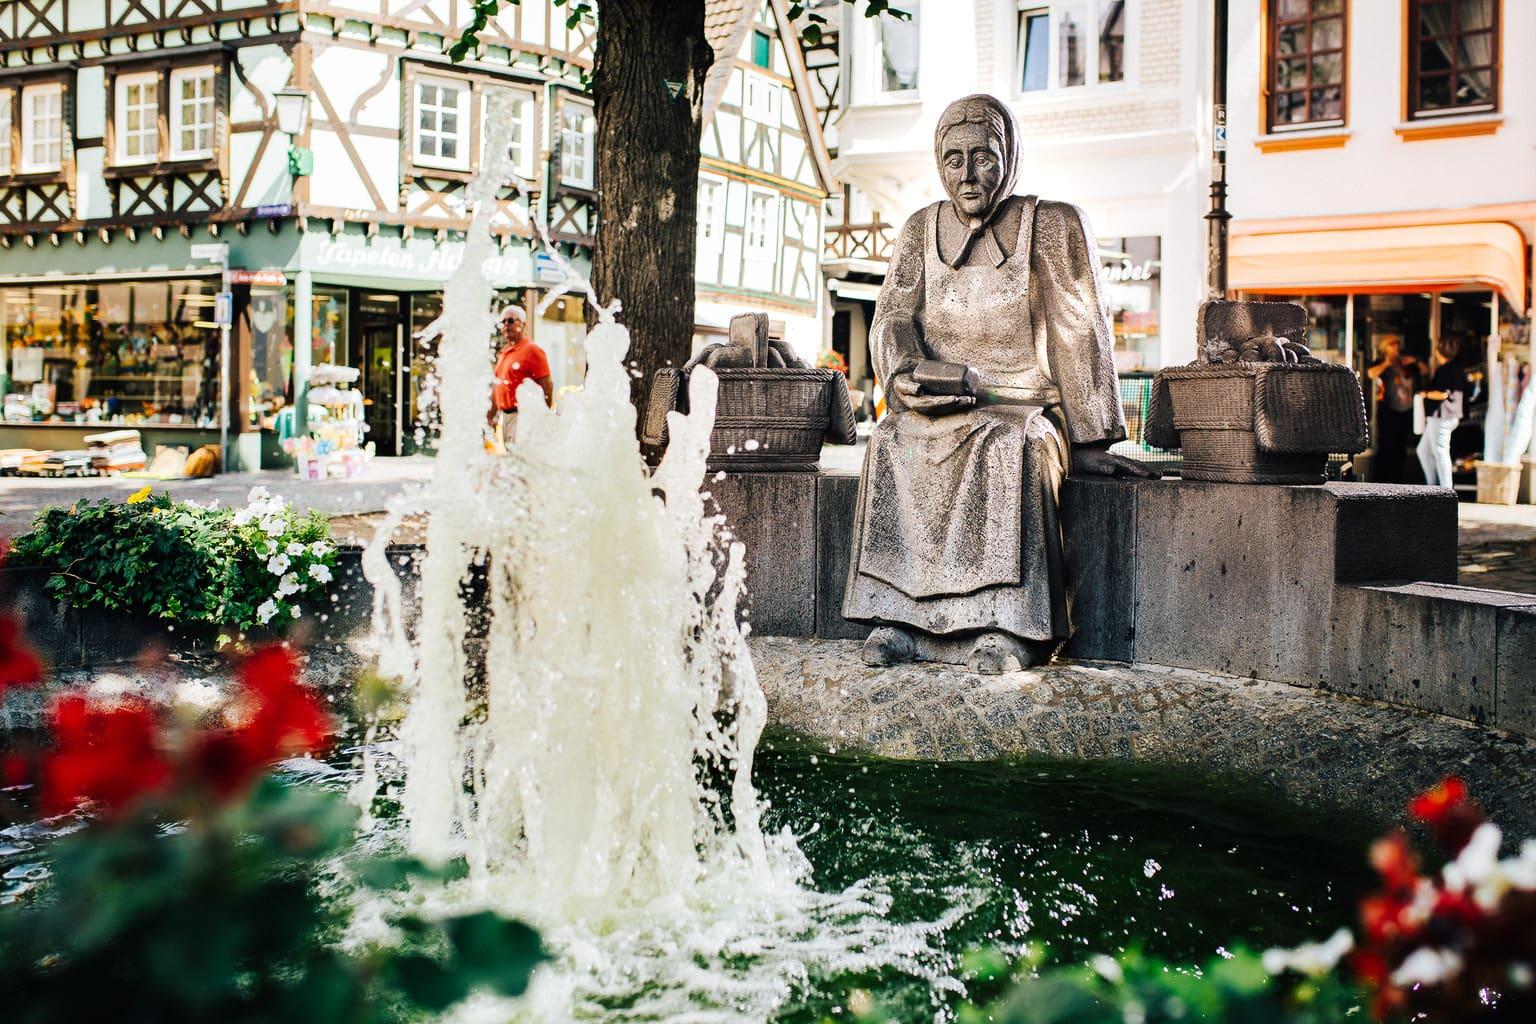 Fonteintje in Linz am Rhein in de zomer